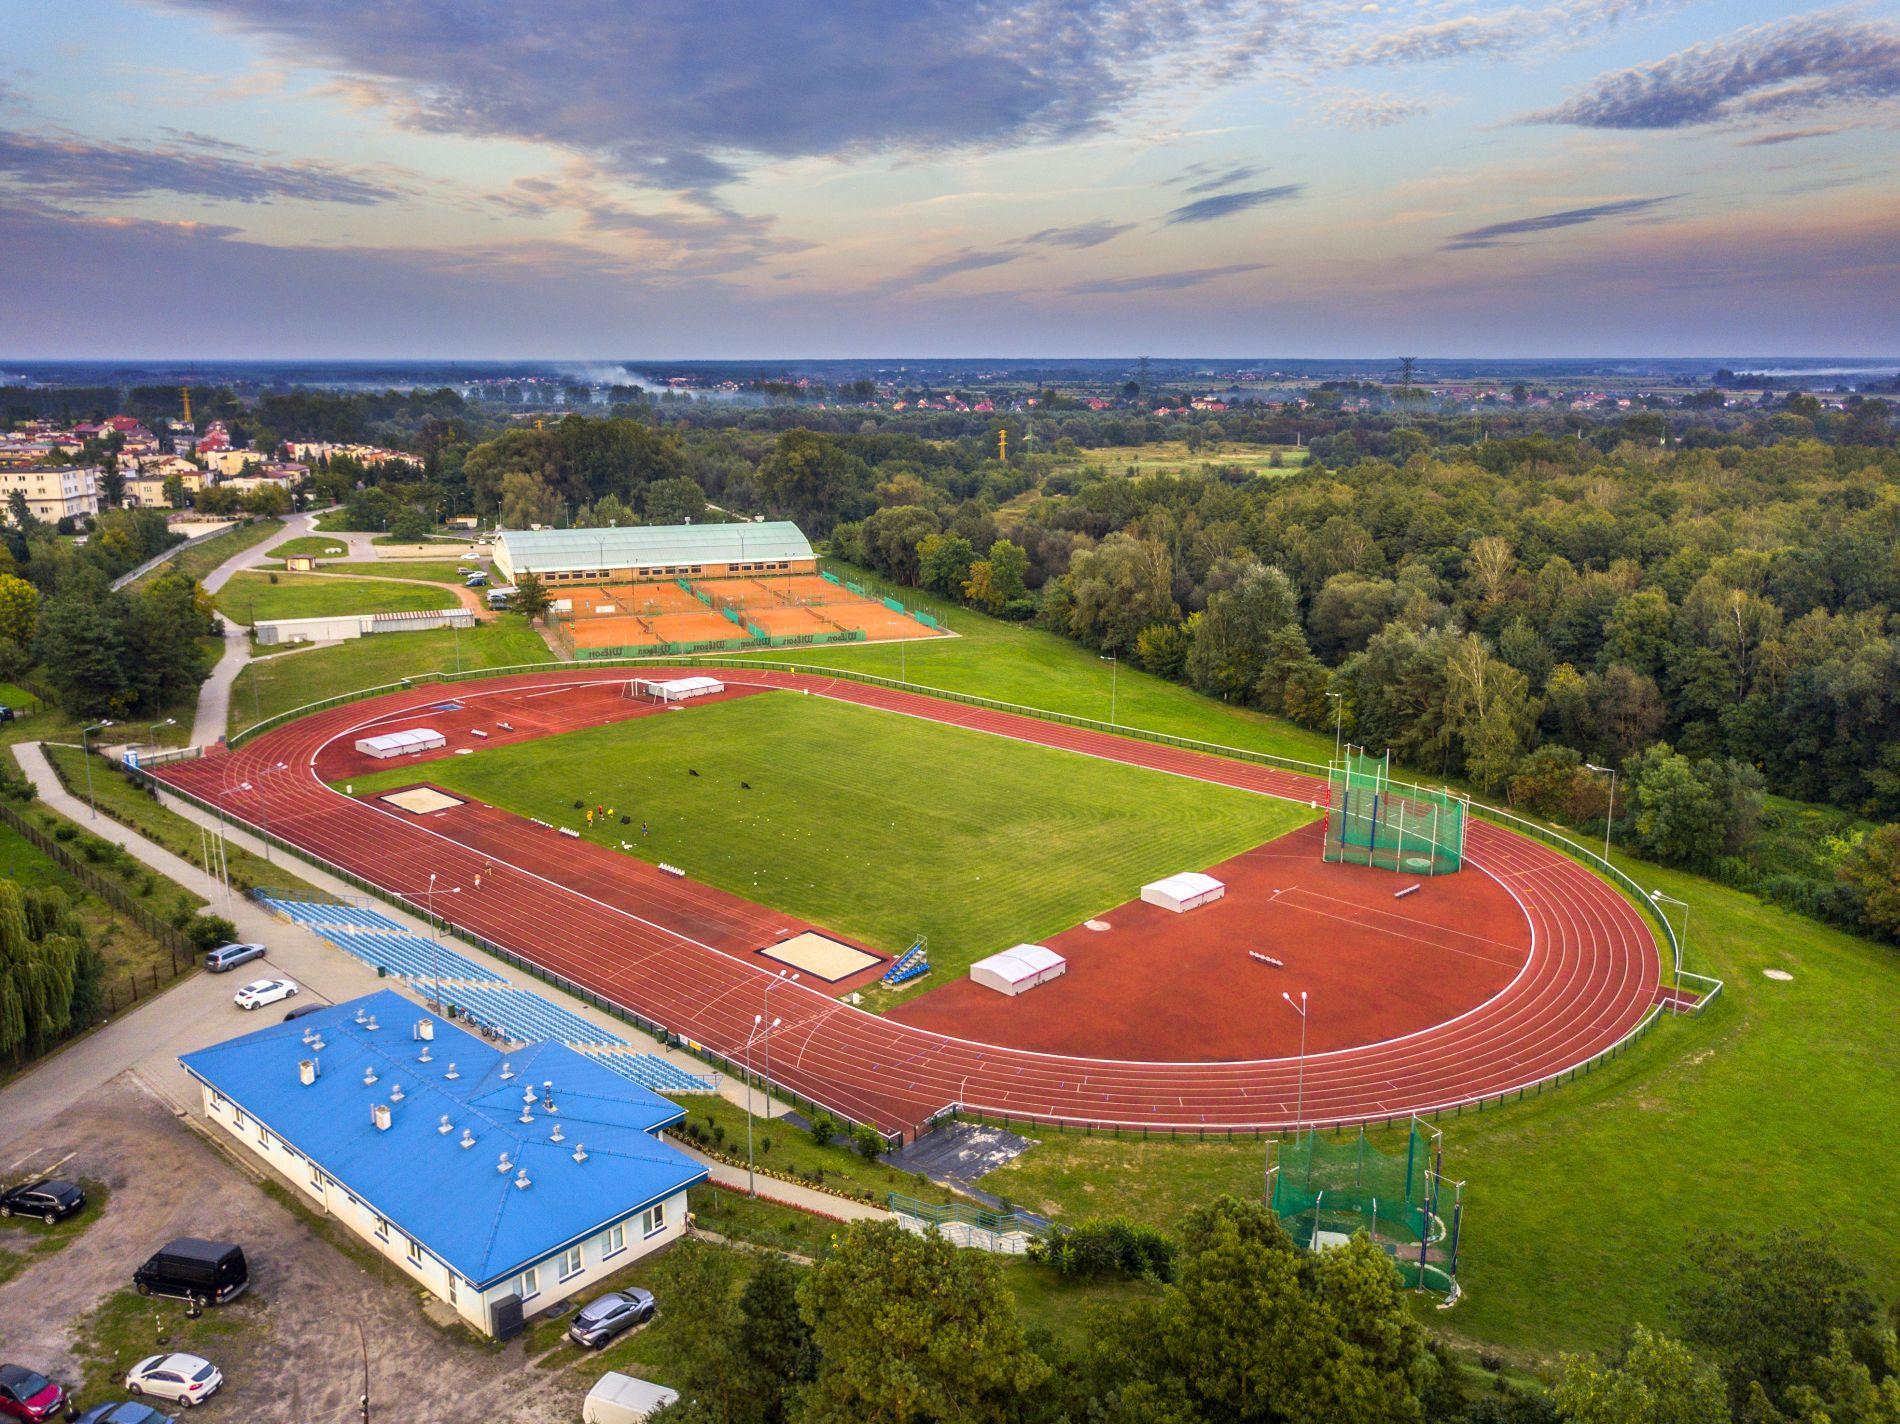 Stadion Lekkoateletyczny